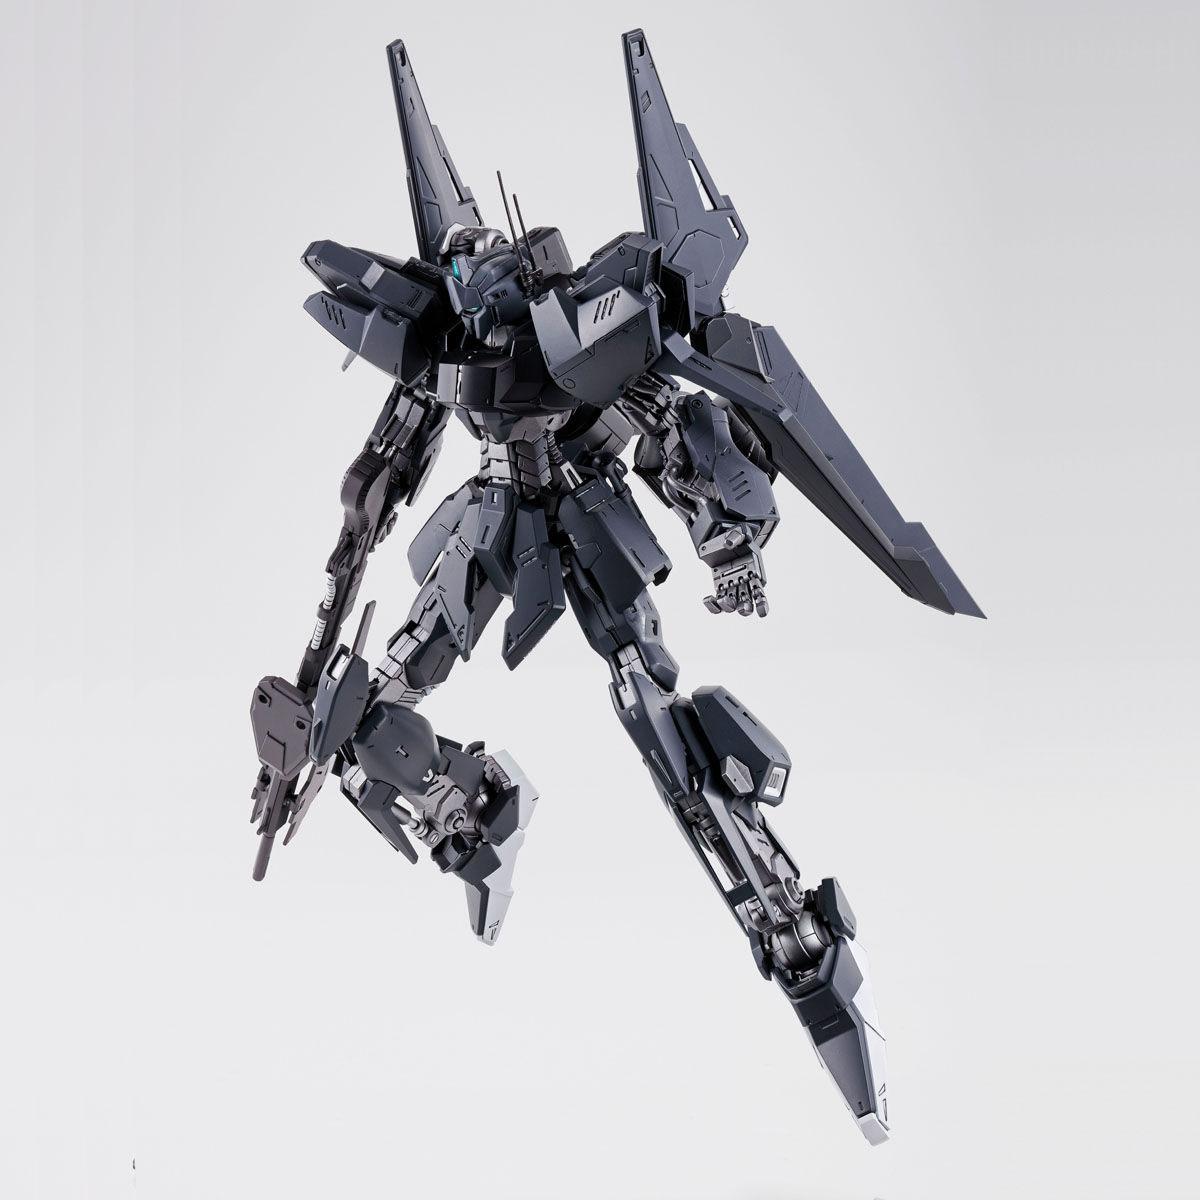 MG 1/100『百式壊』プラモデル-006